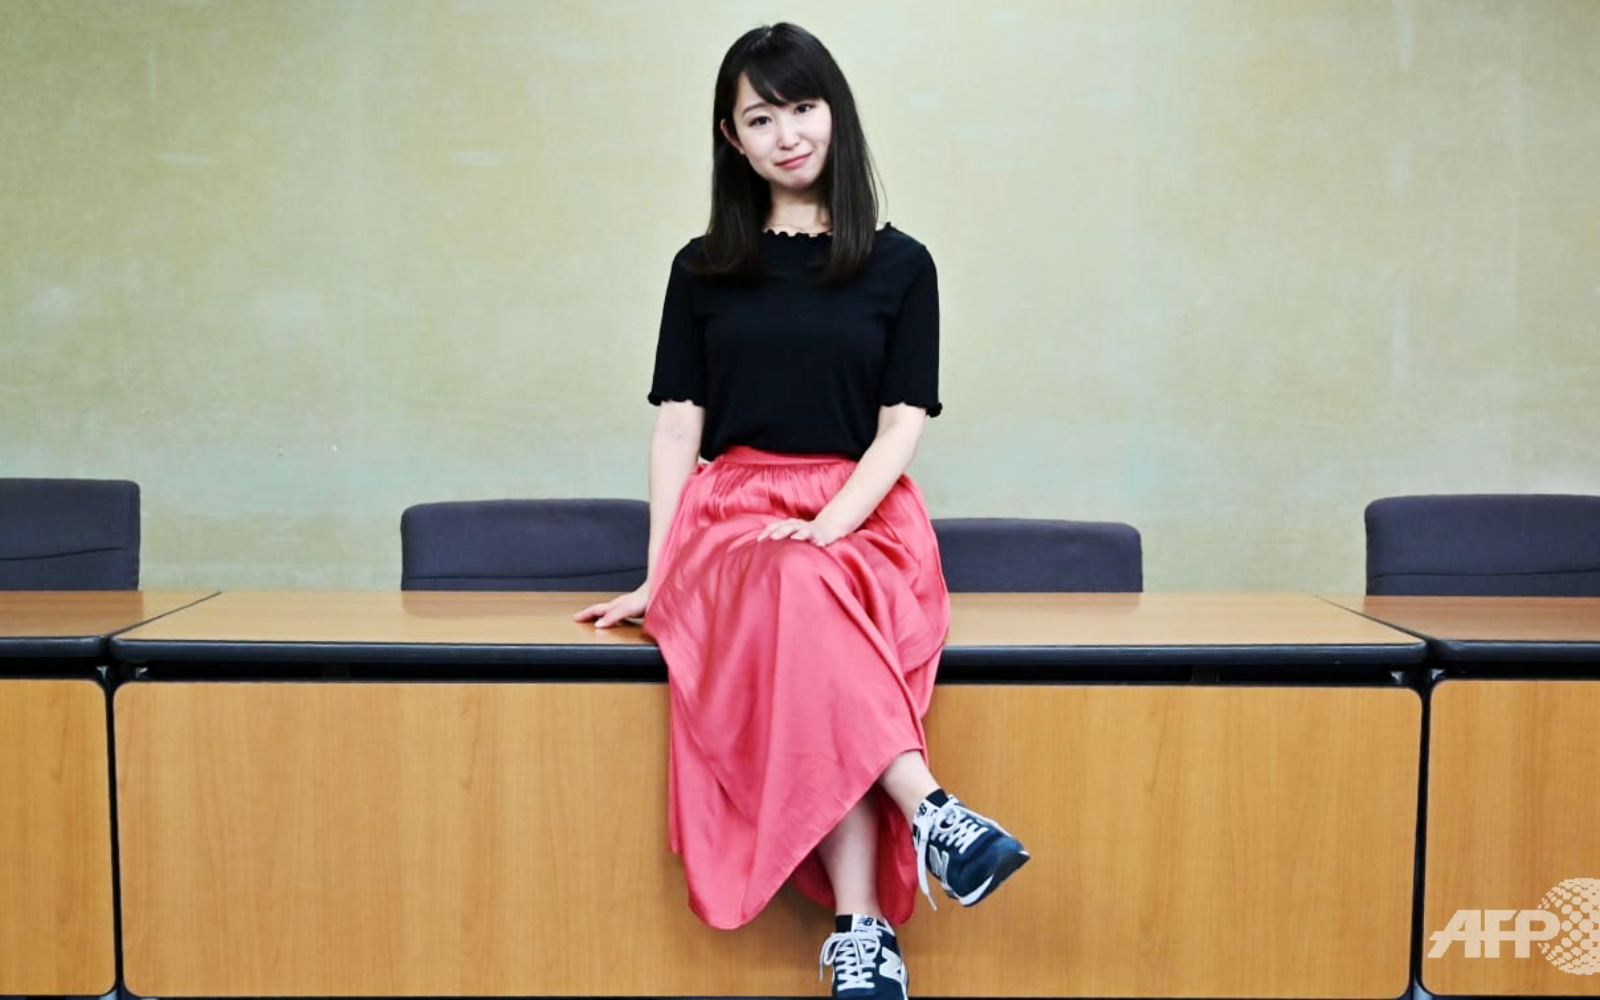 Yumi Ishikawa #KuToo